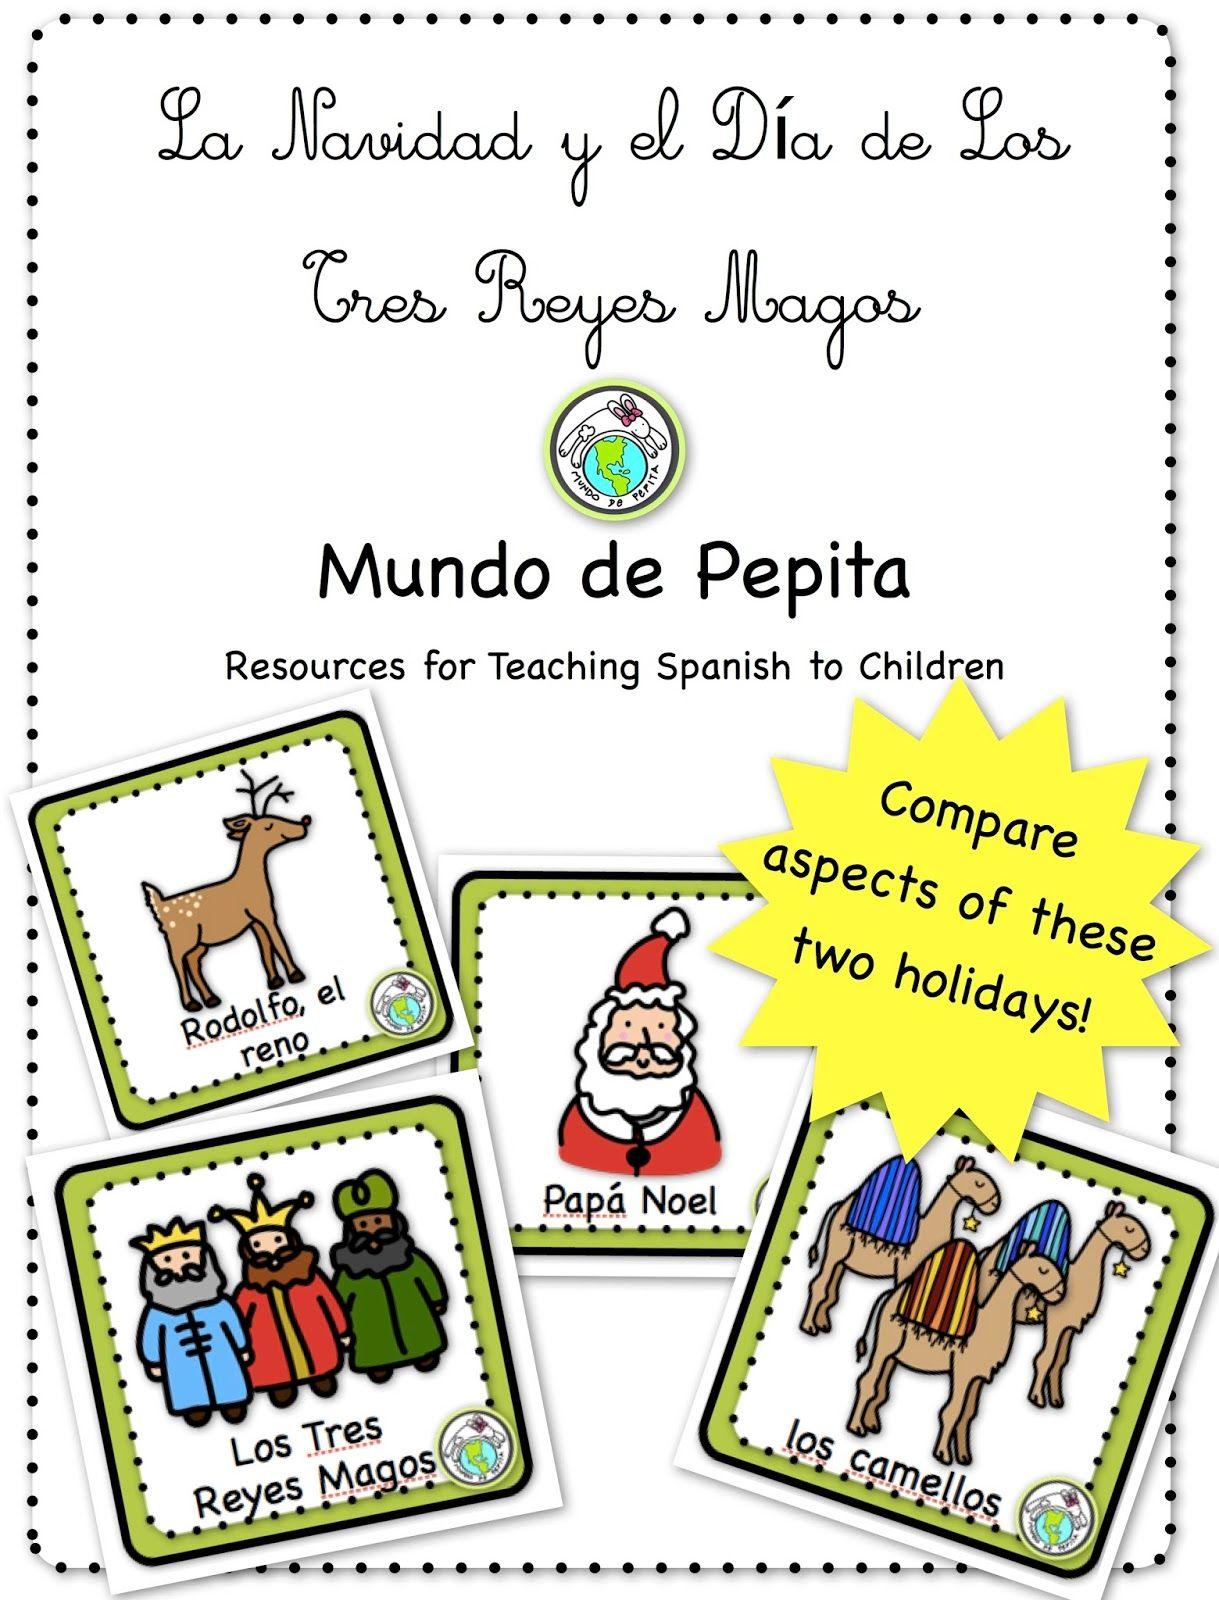 Comprehensible Input Infographic Comparing La Navidad And El Dia De Los Reyes Magos